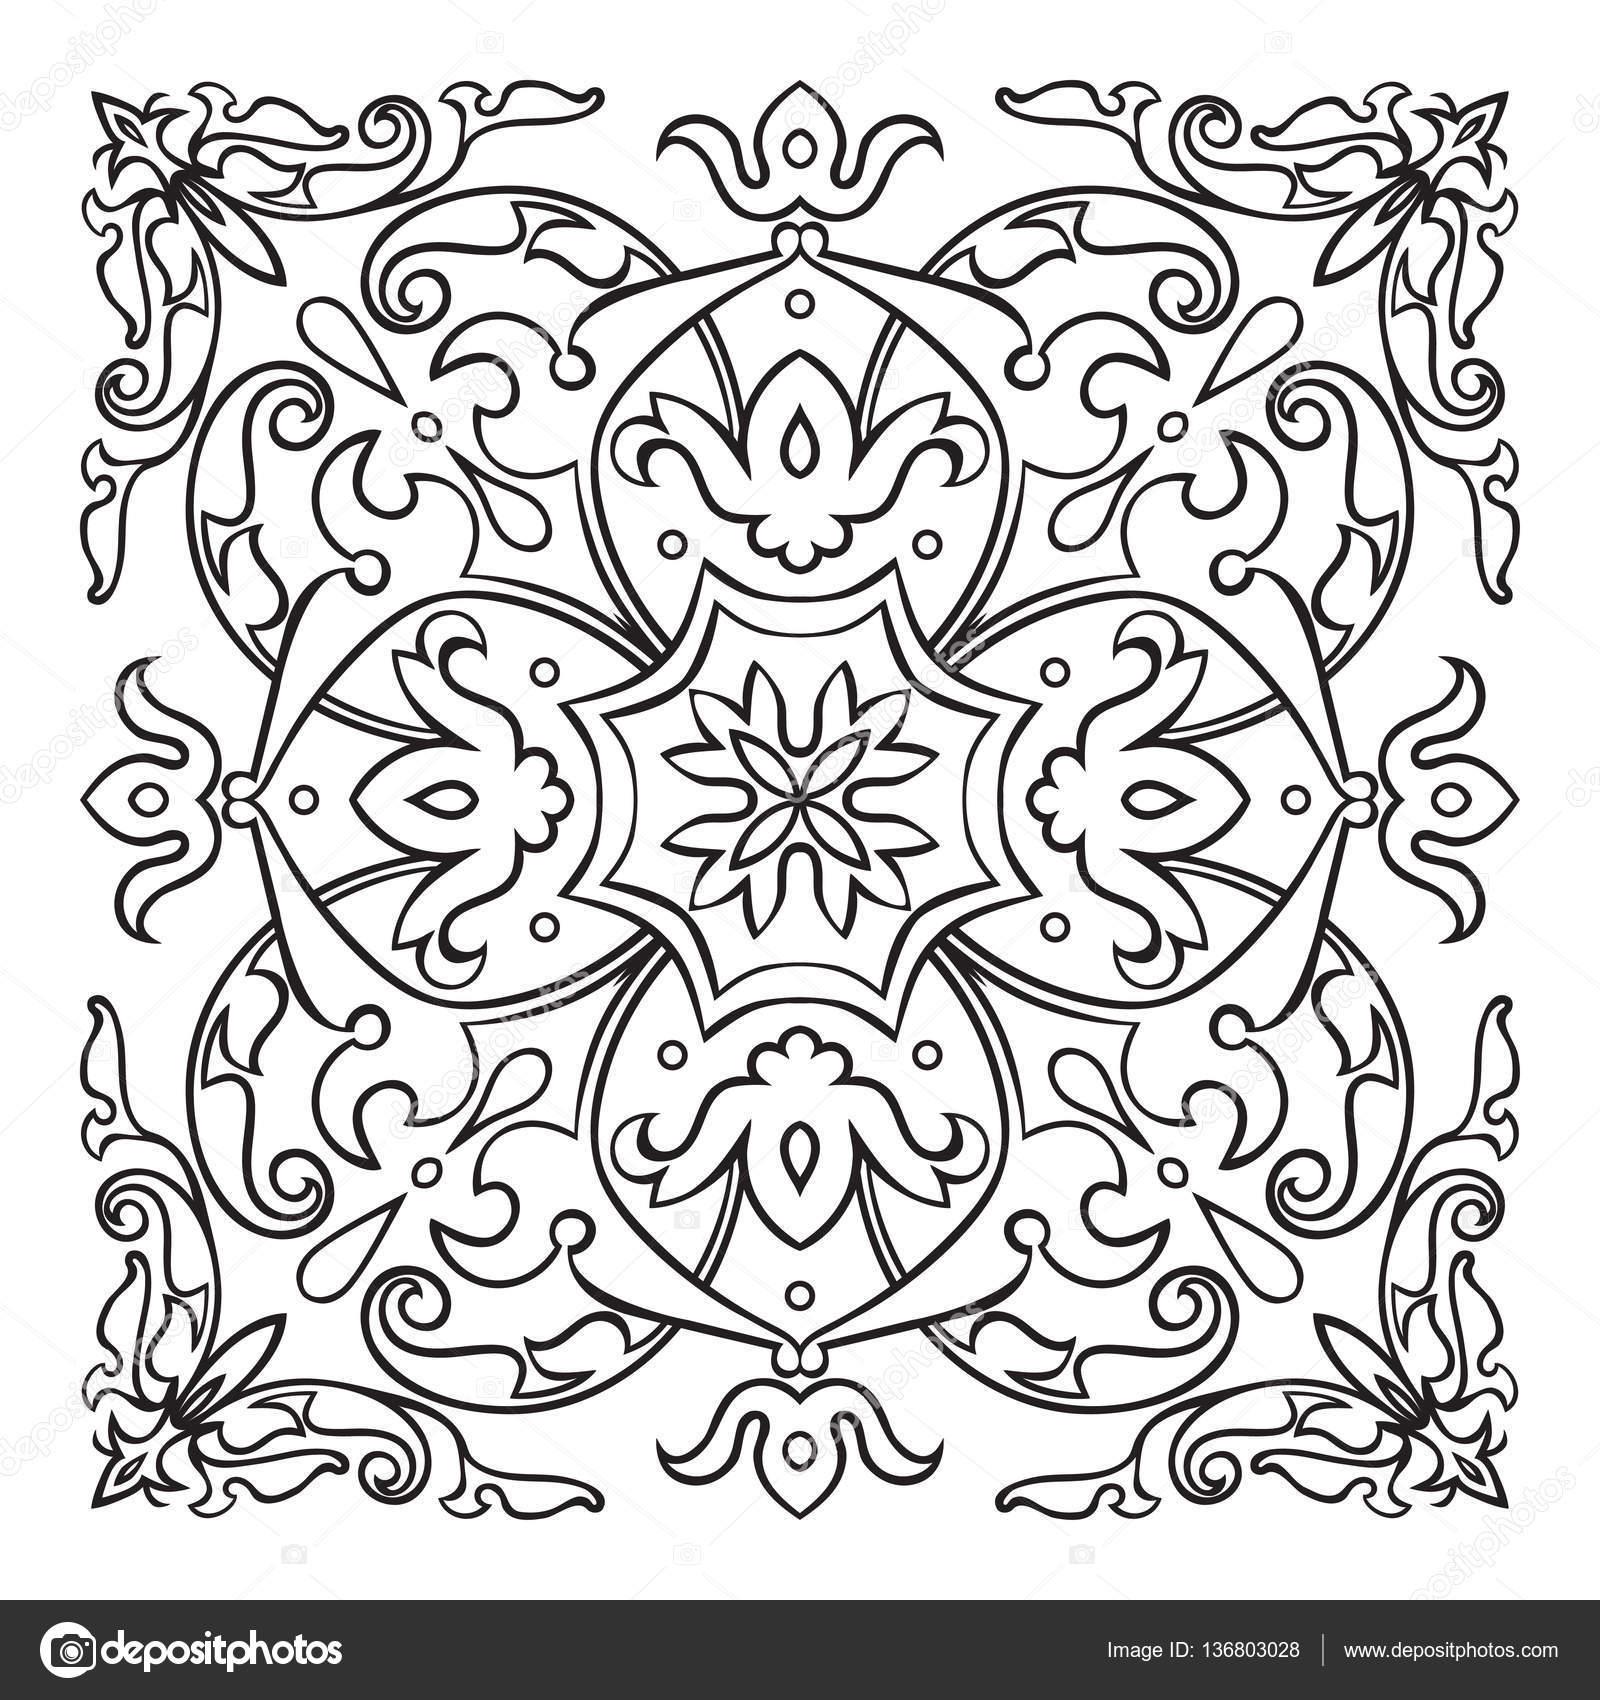 orientalische dekorative element zentangle mandala schwarz wei stockvektor zzayko 136803028. Black Bedroom Furniture Sets. Home Design Ideas